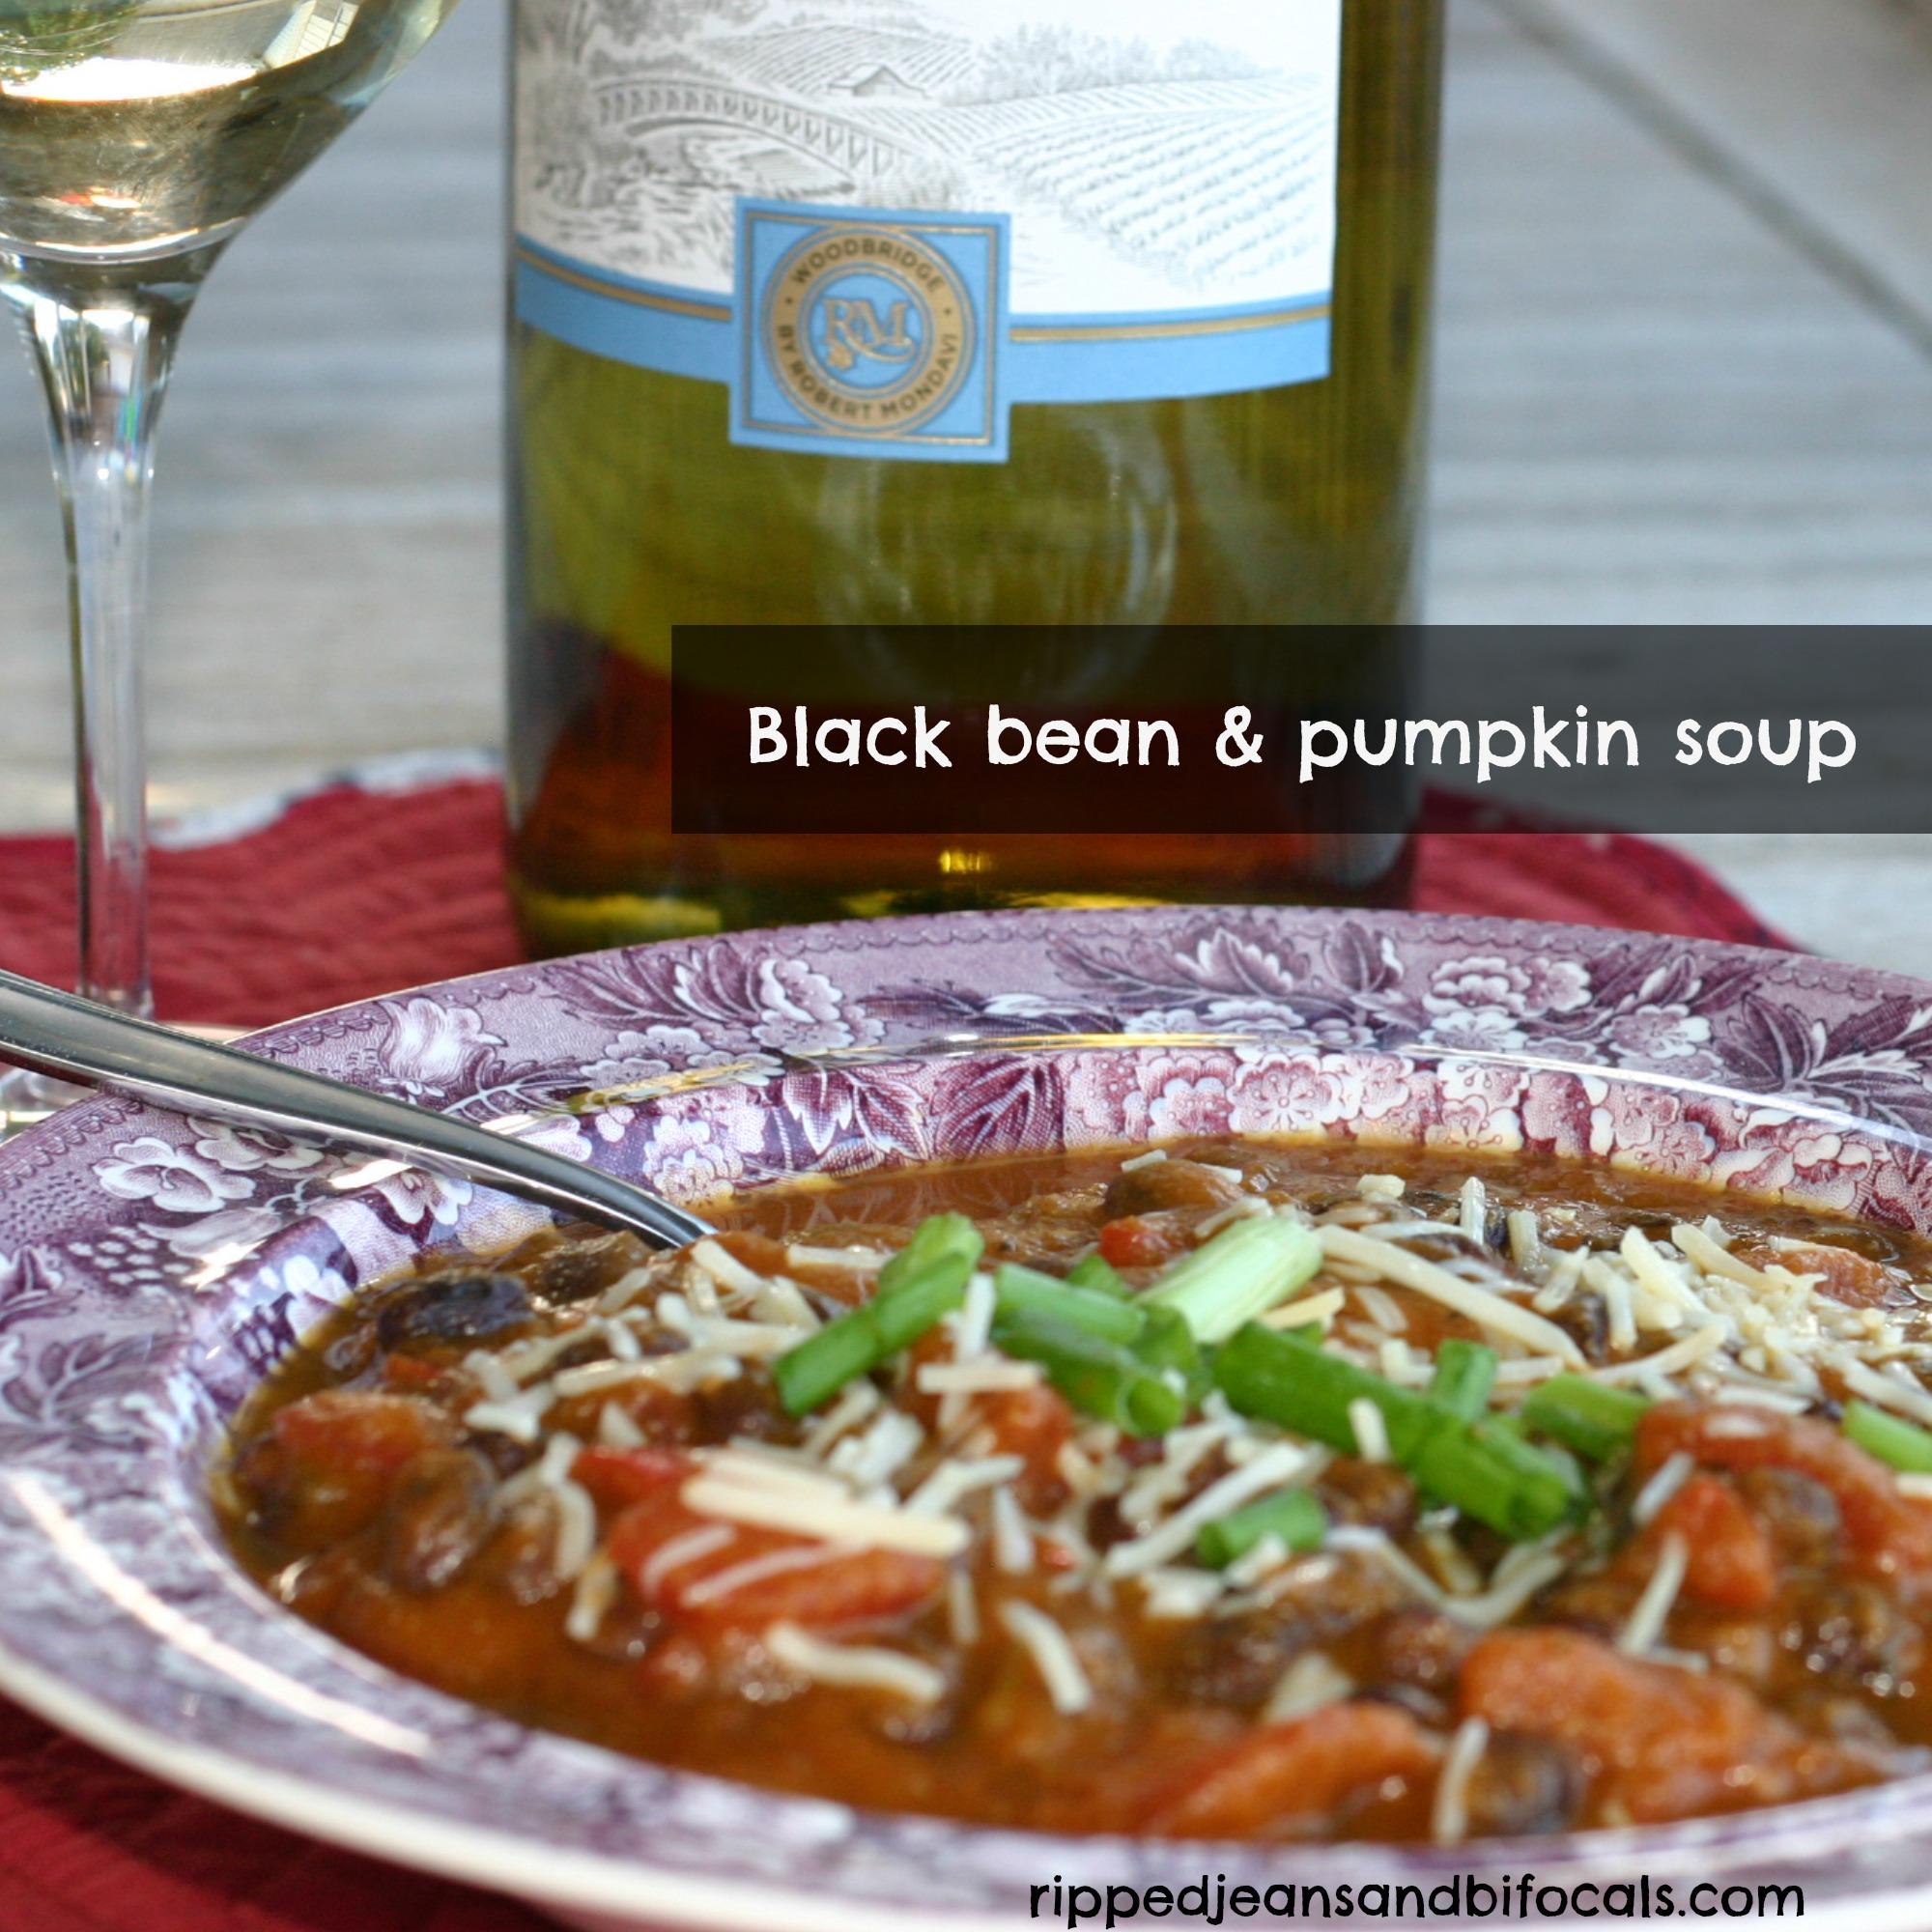 ... pairing ideas fall dinner ideas pumpkin soup crockpot pork medallions